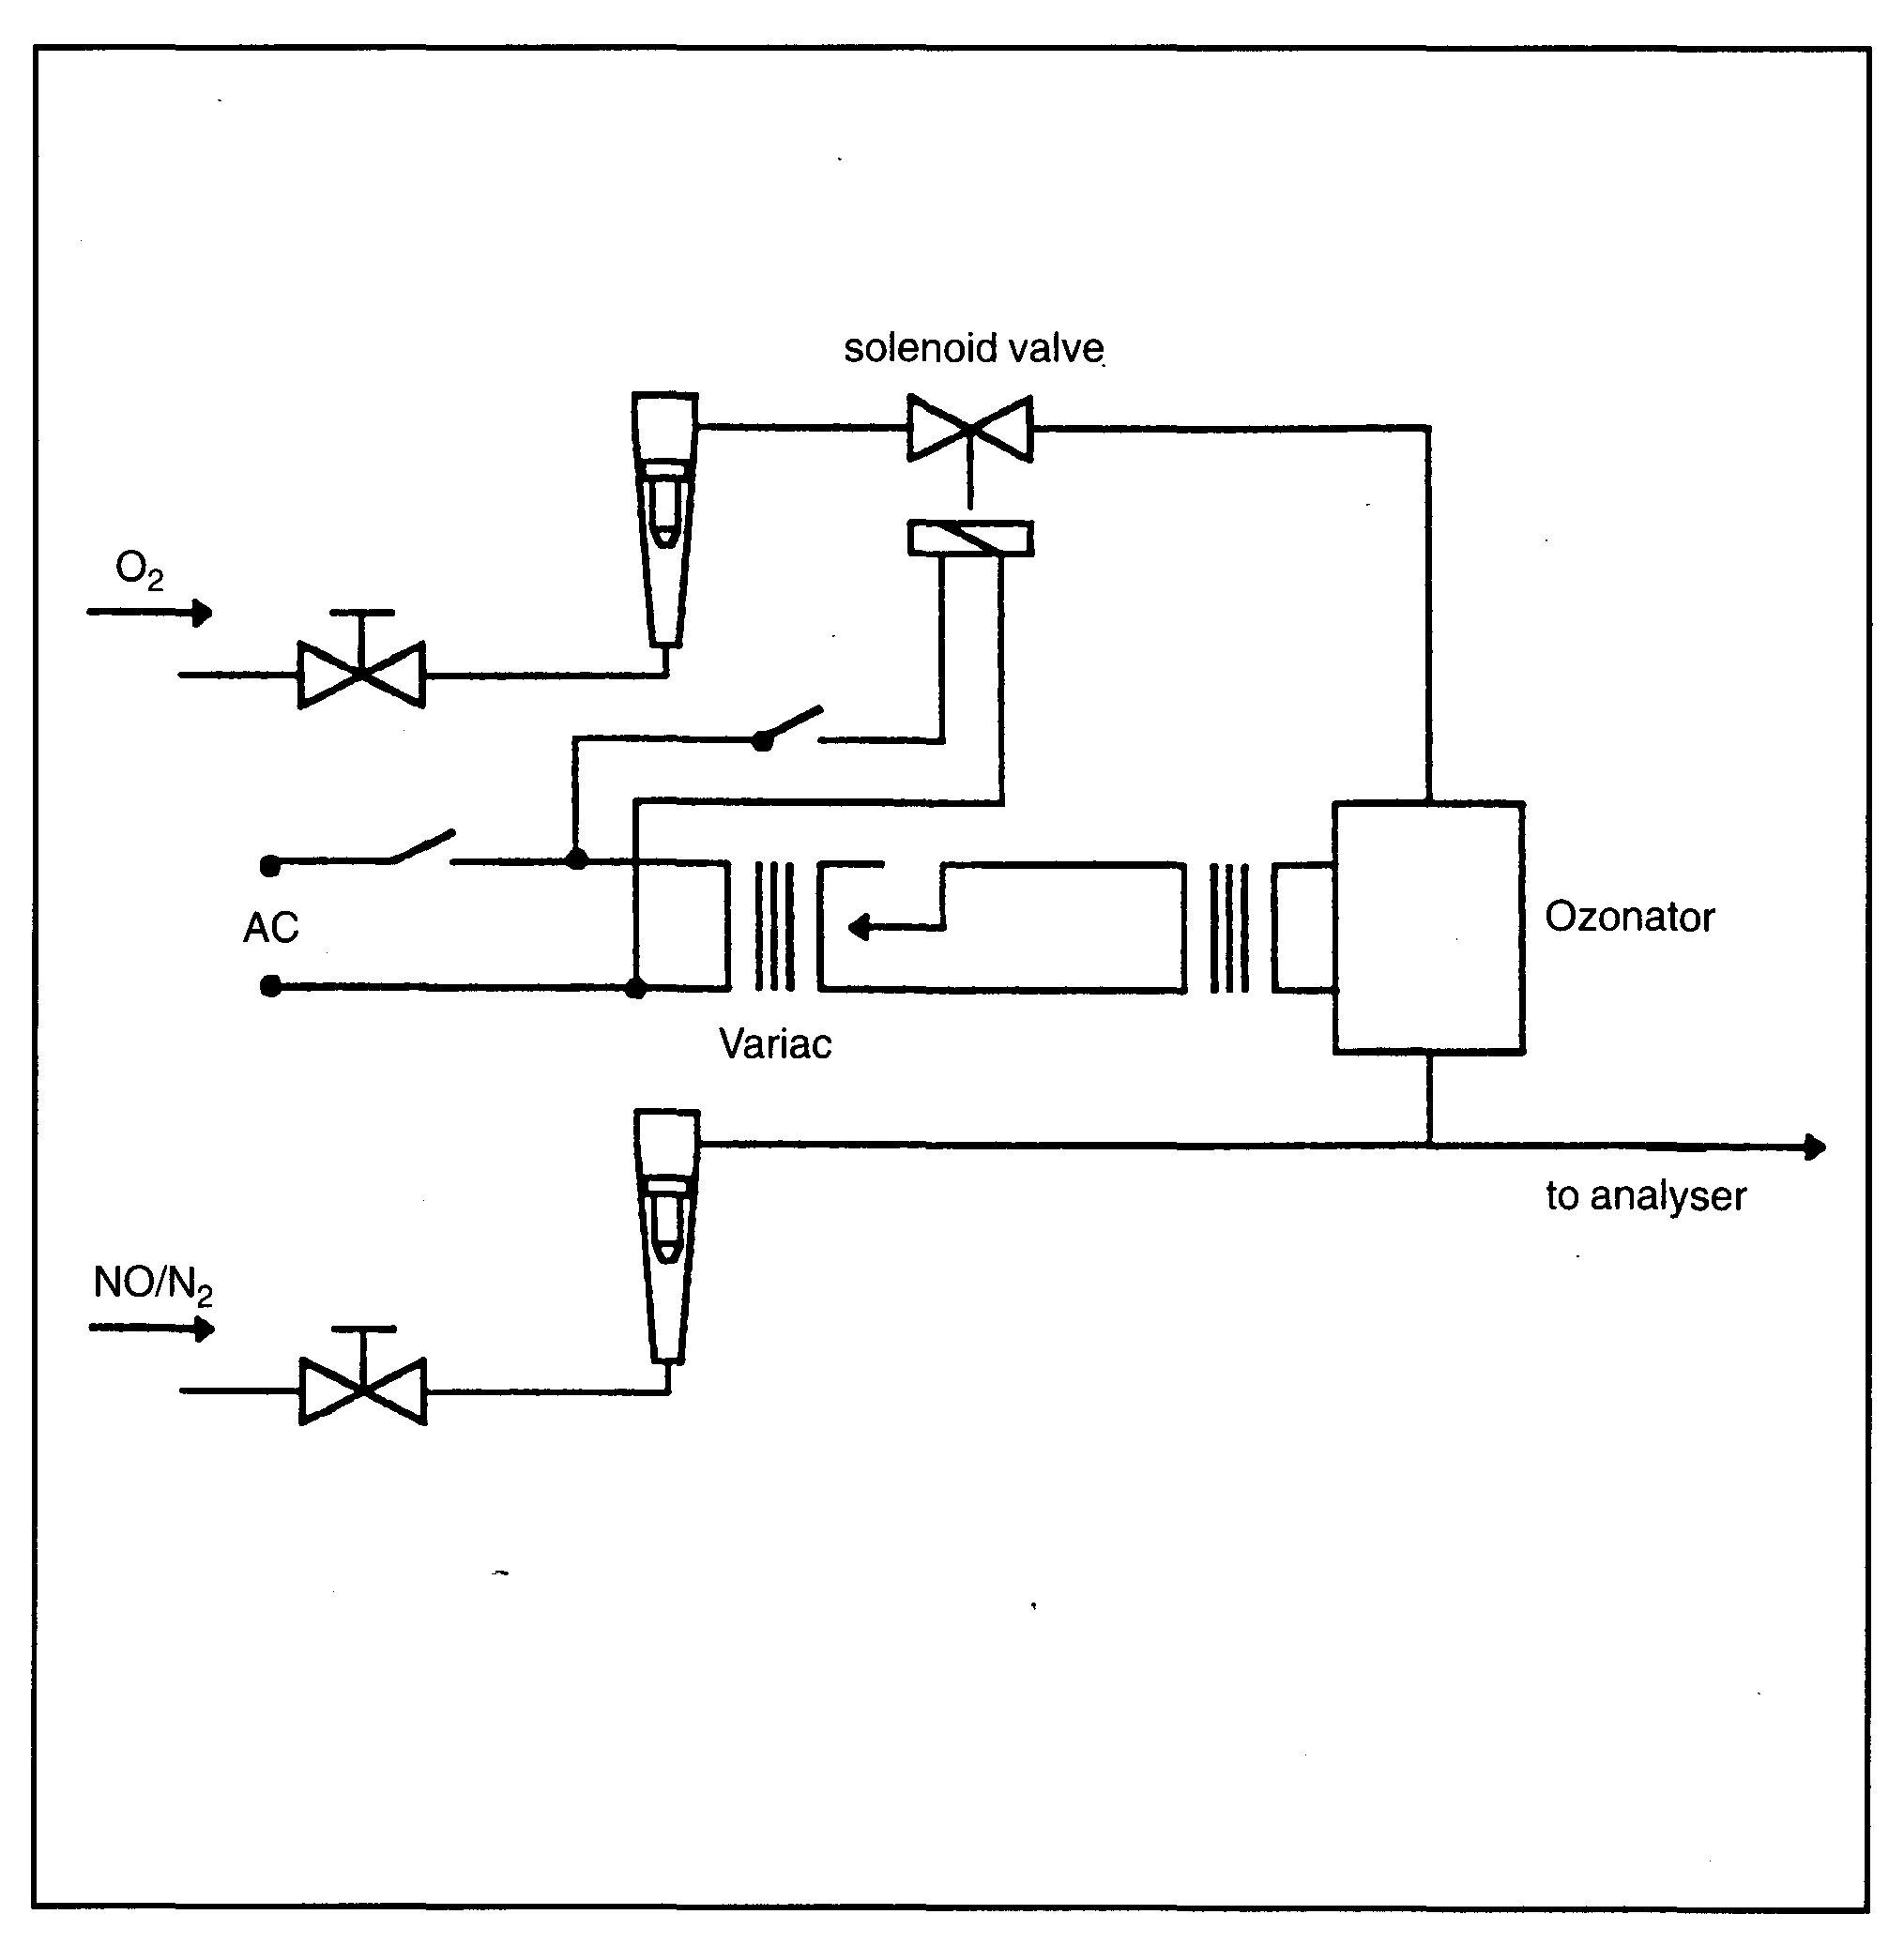 Eur Lex 01997l0068 20161006 En 543 Cat Engine Diagram Figure 1 Schematic Of No2 Converter Efficiency Device